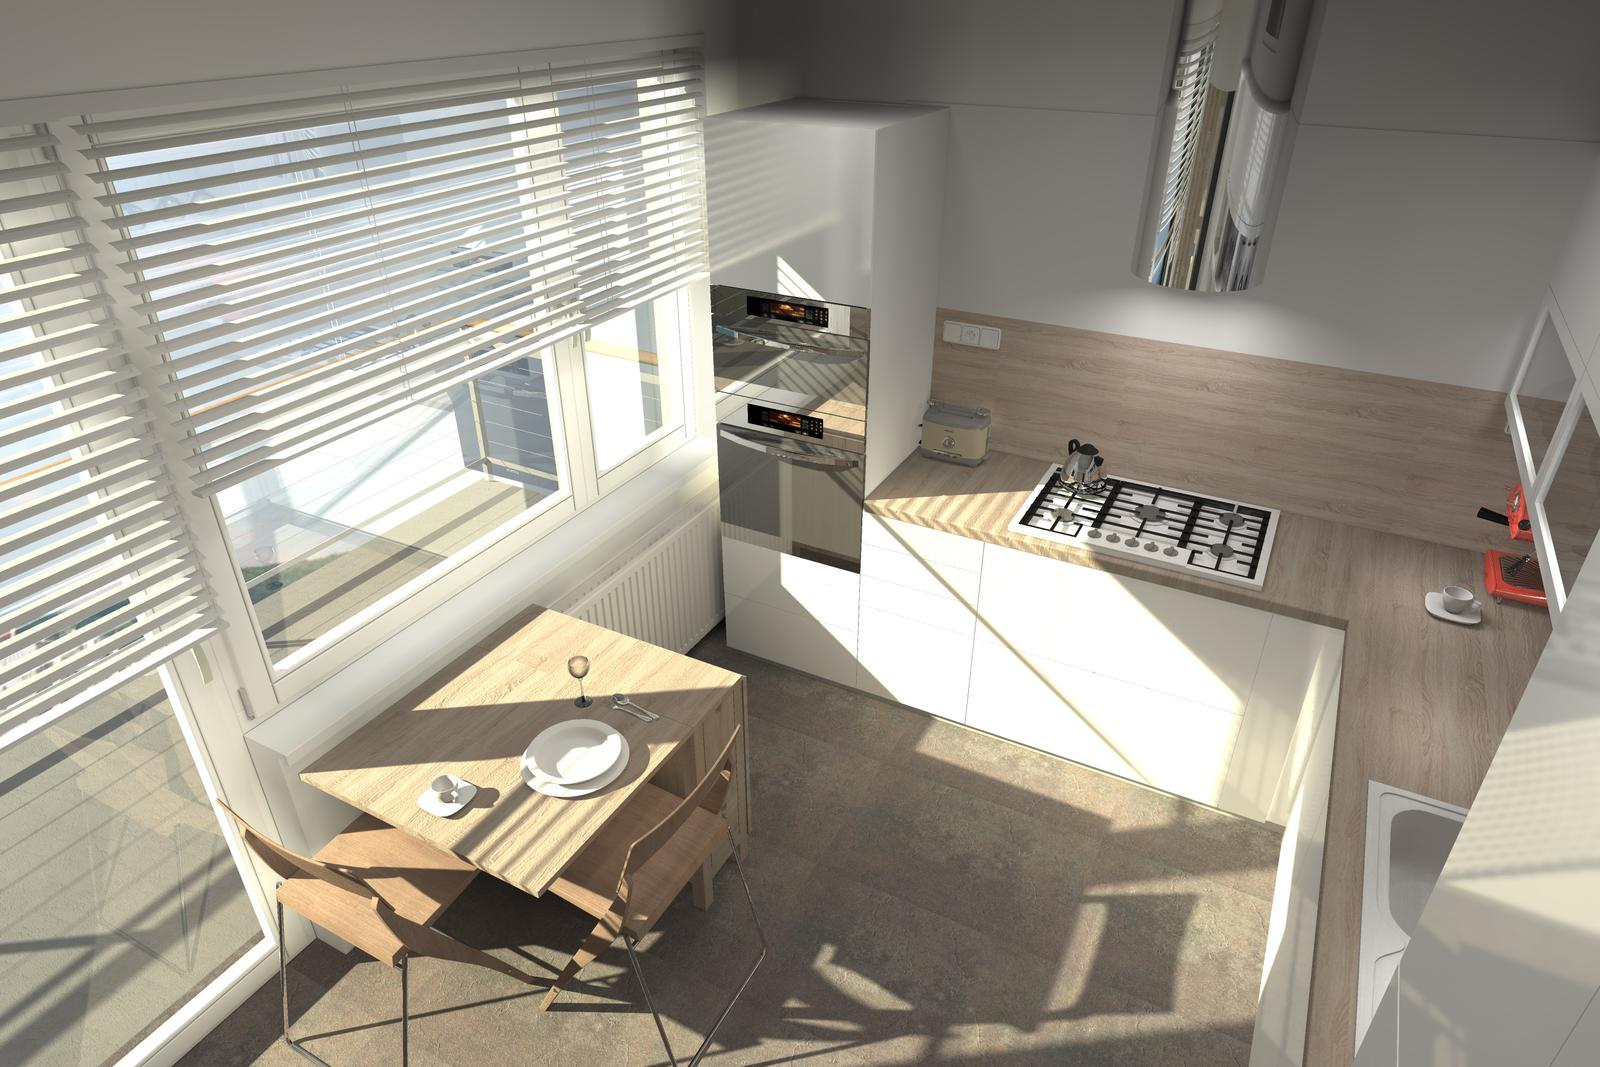 Kuchyne nielen do panelakovych bytov - skladaci stolik IKEA podlaha Haro Celenio